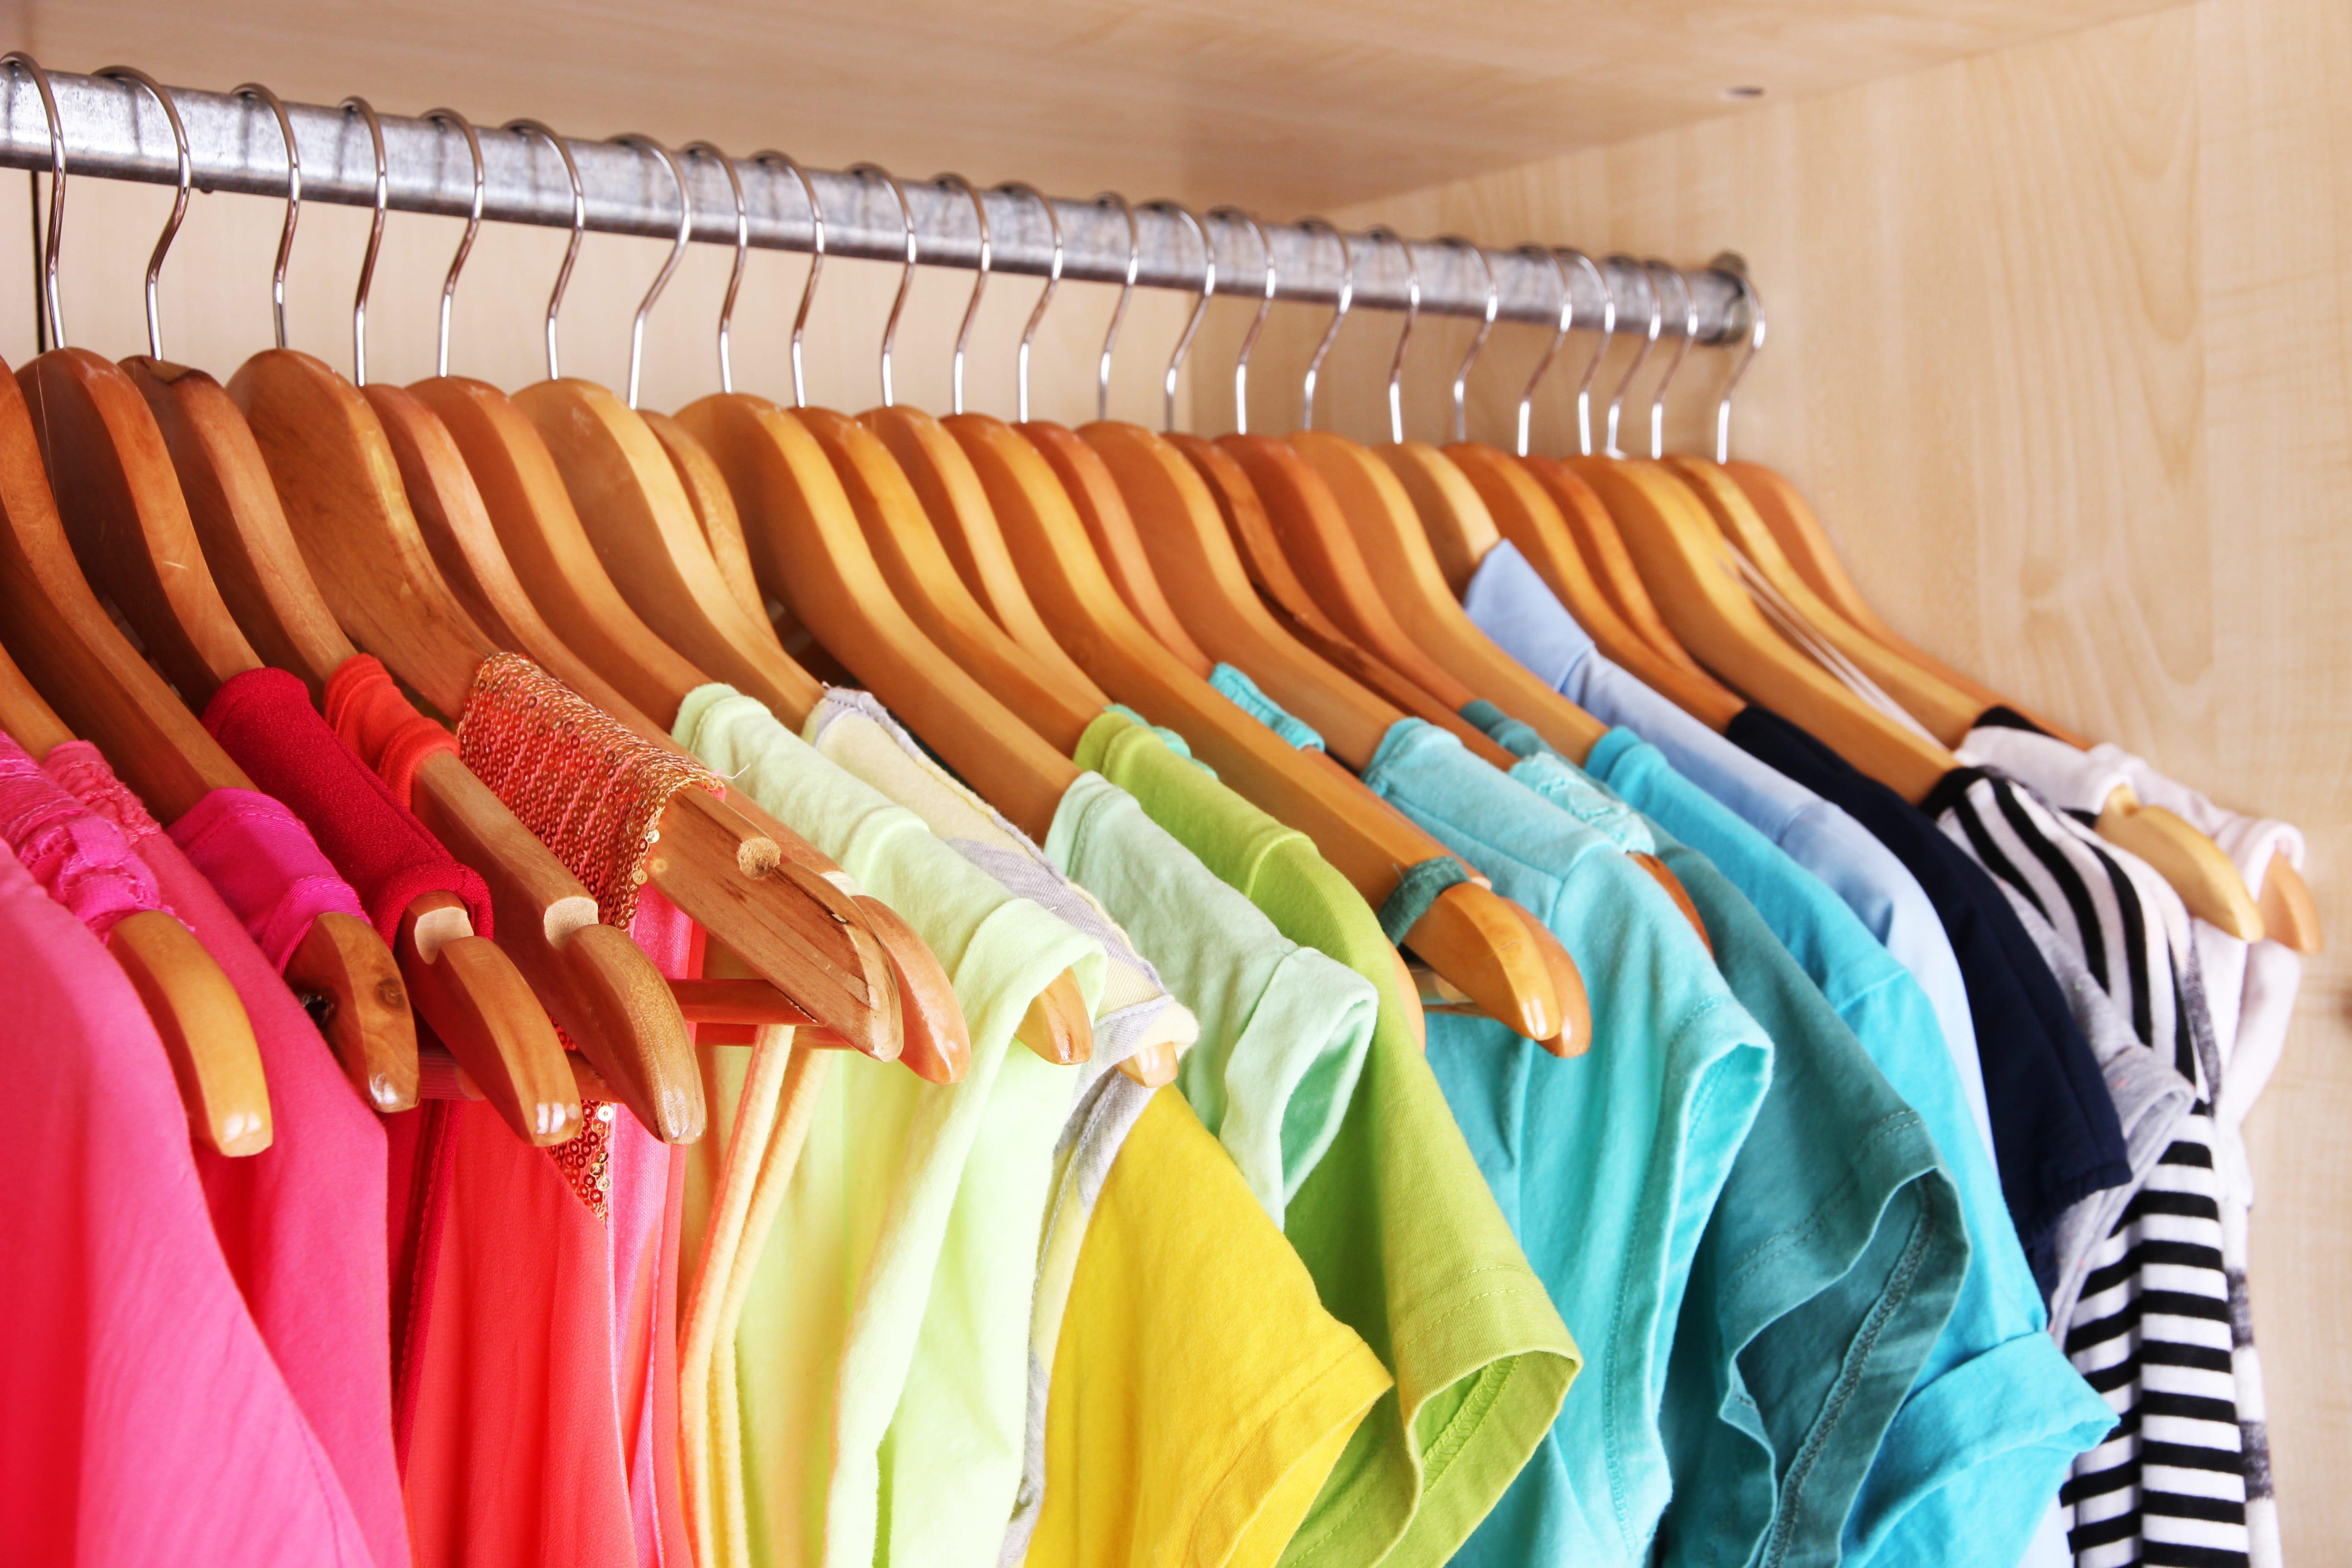 Kleider rutschen vom Bügel – 3 Tipps, die helfen